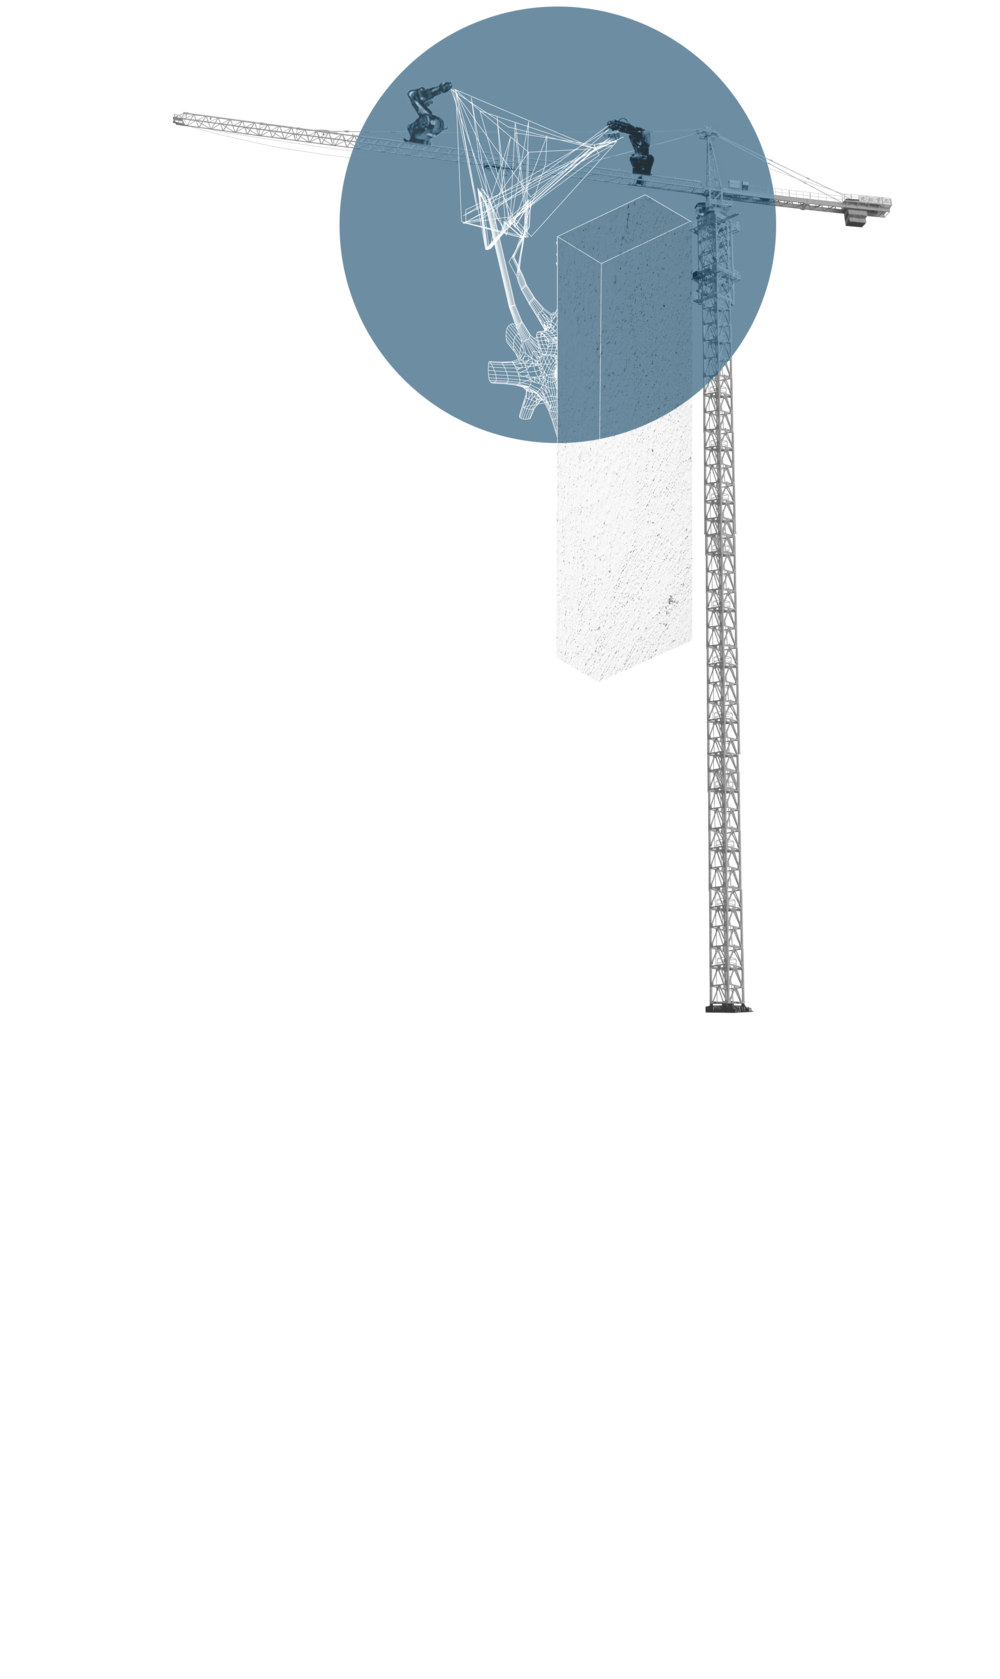 crane_diagram.png